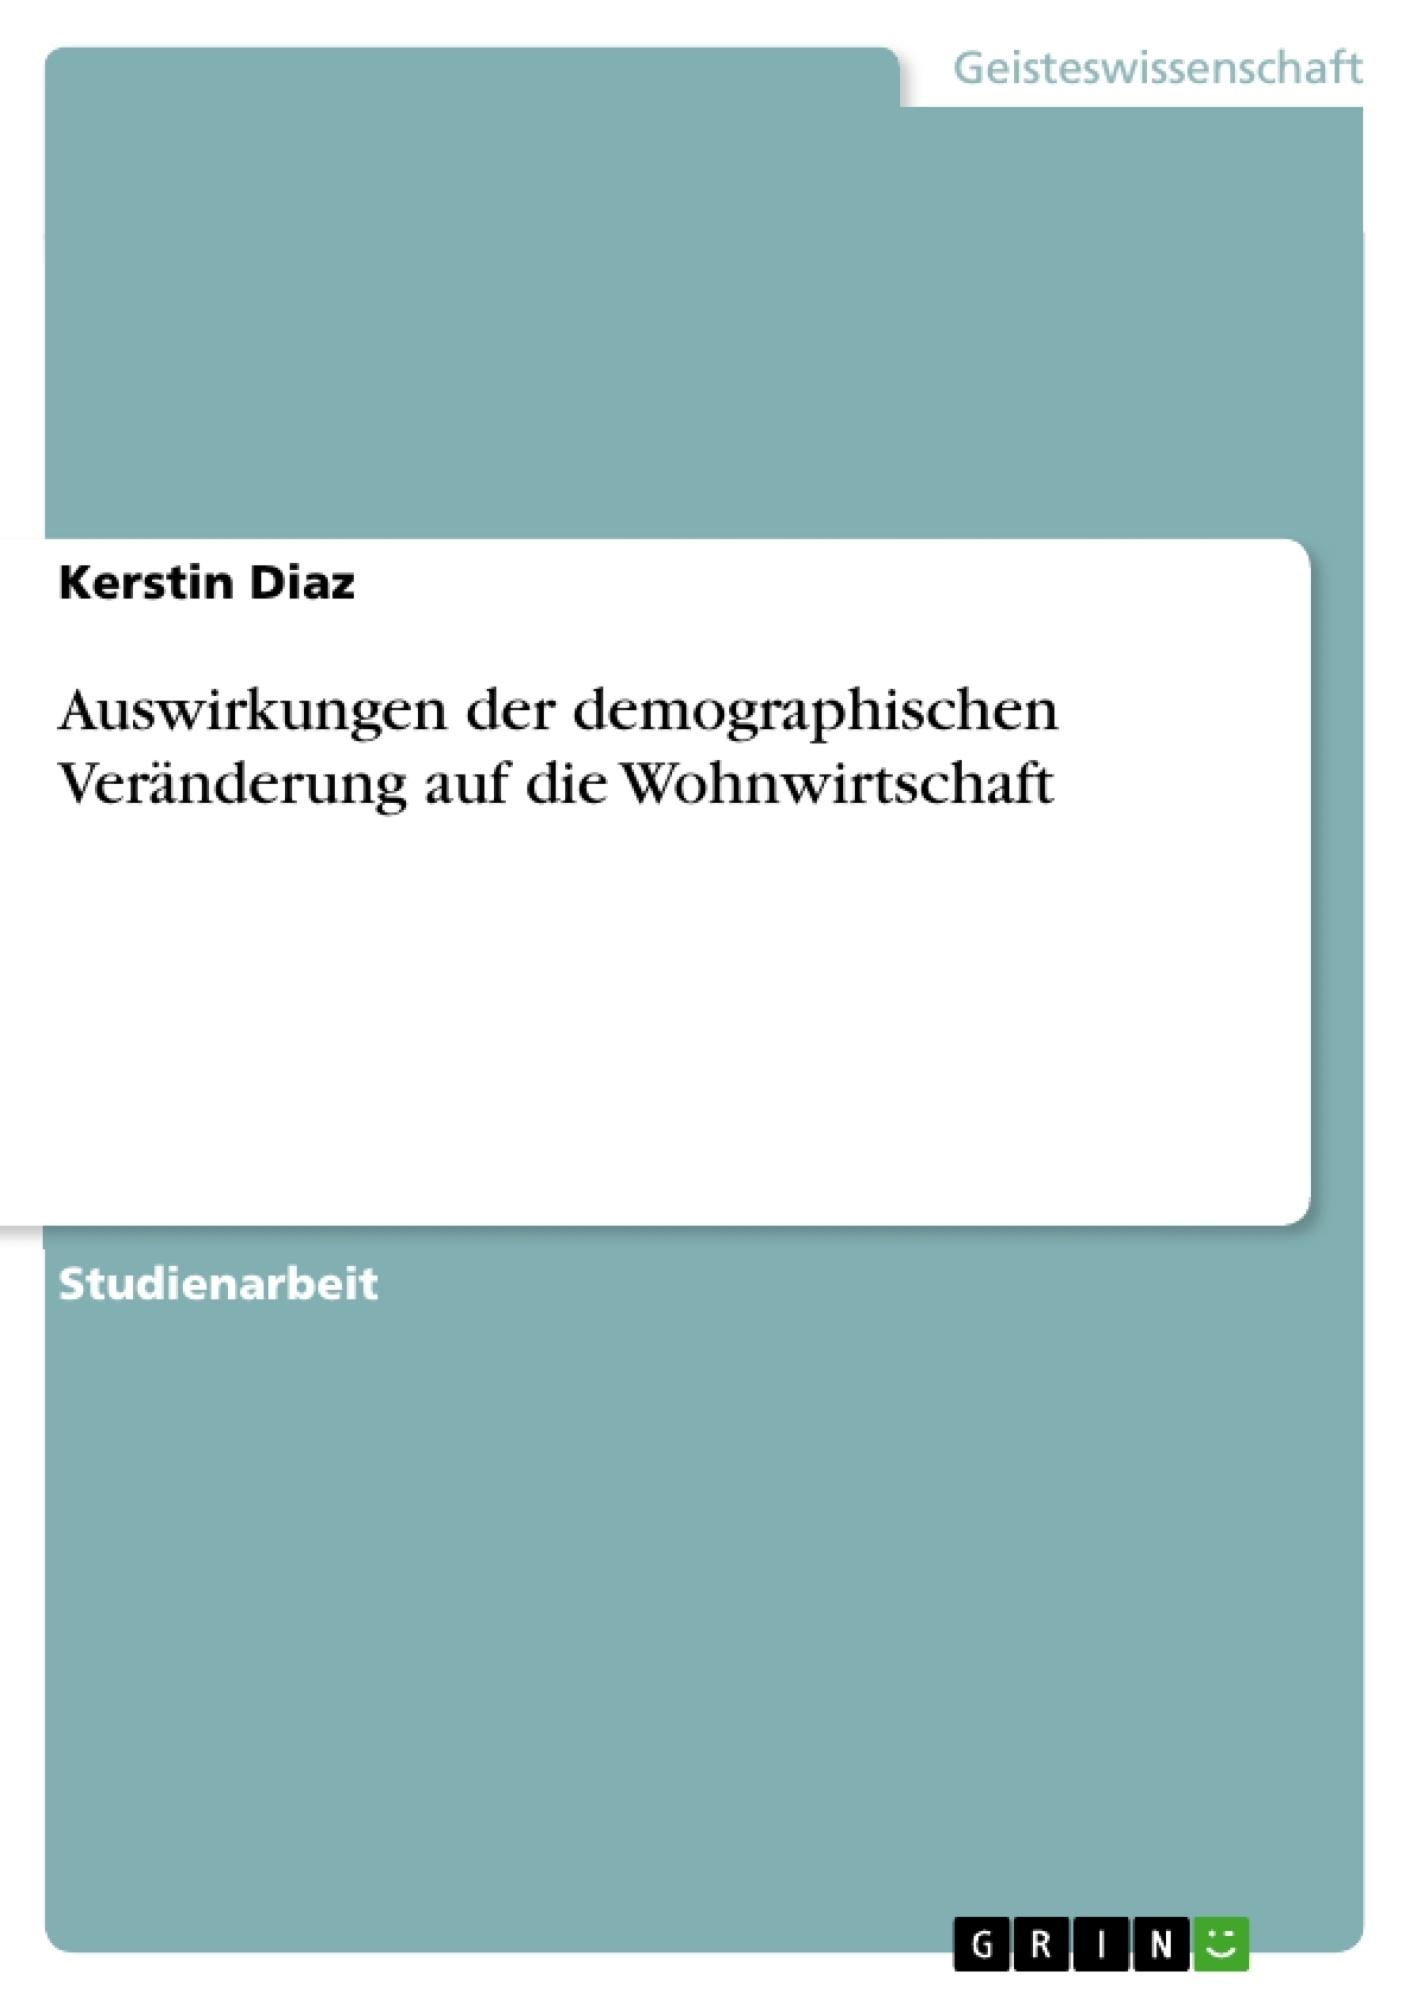 Titel: Auswirkungen der demographischen  Veränderung auf die Wohnwirtschaft